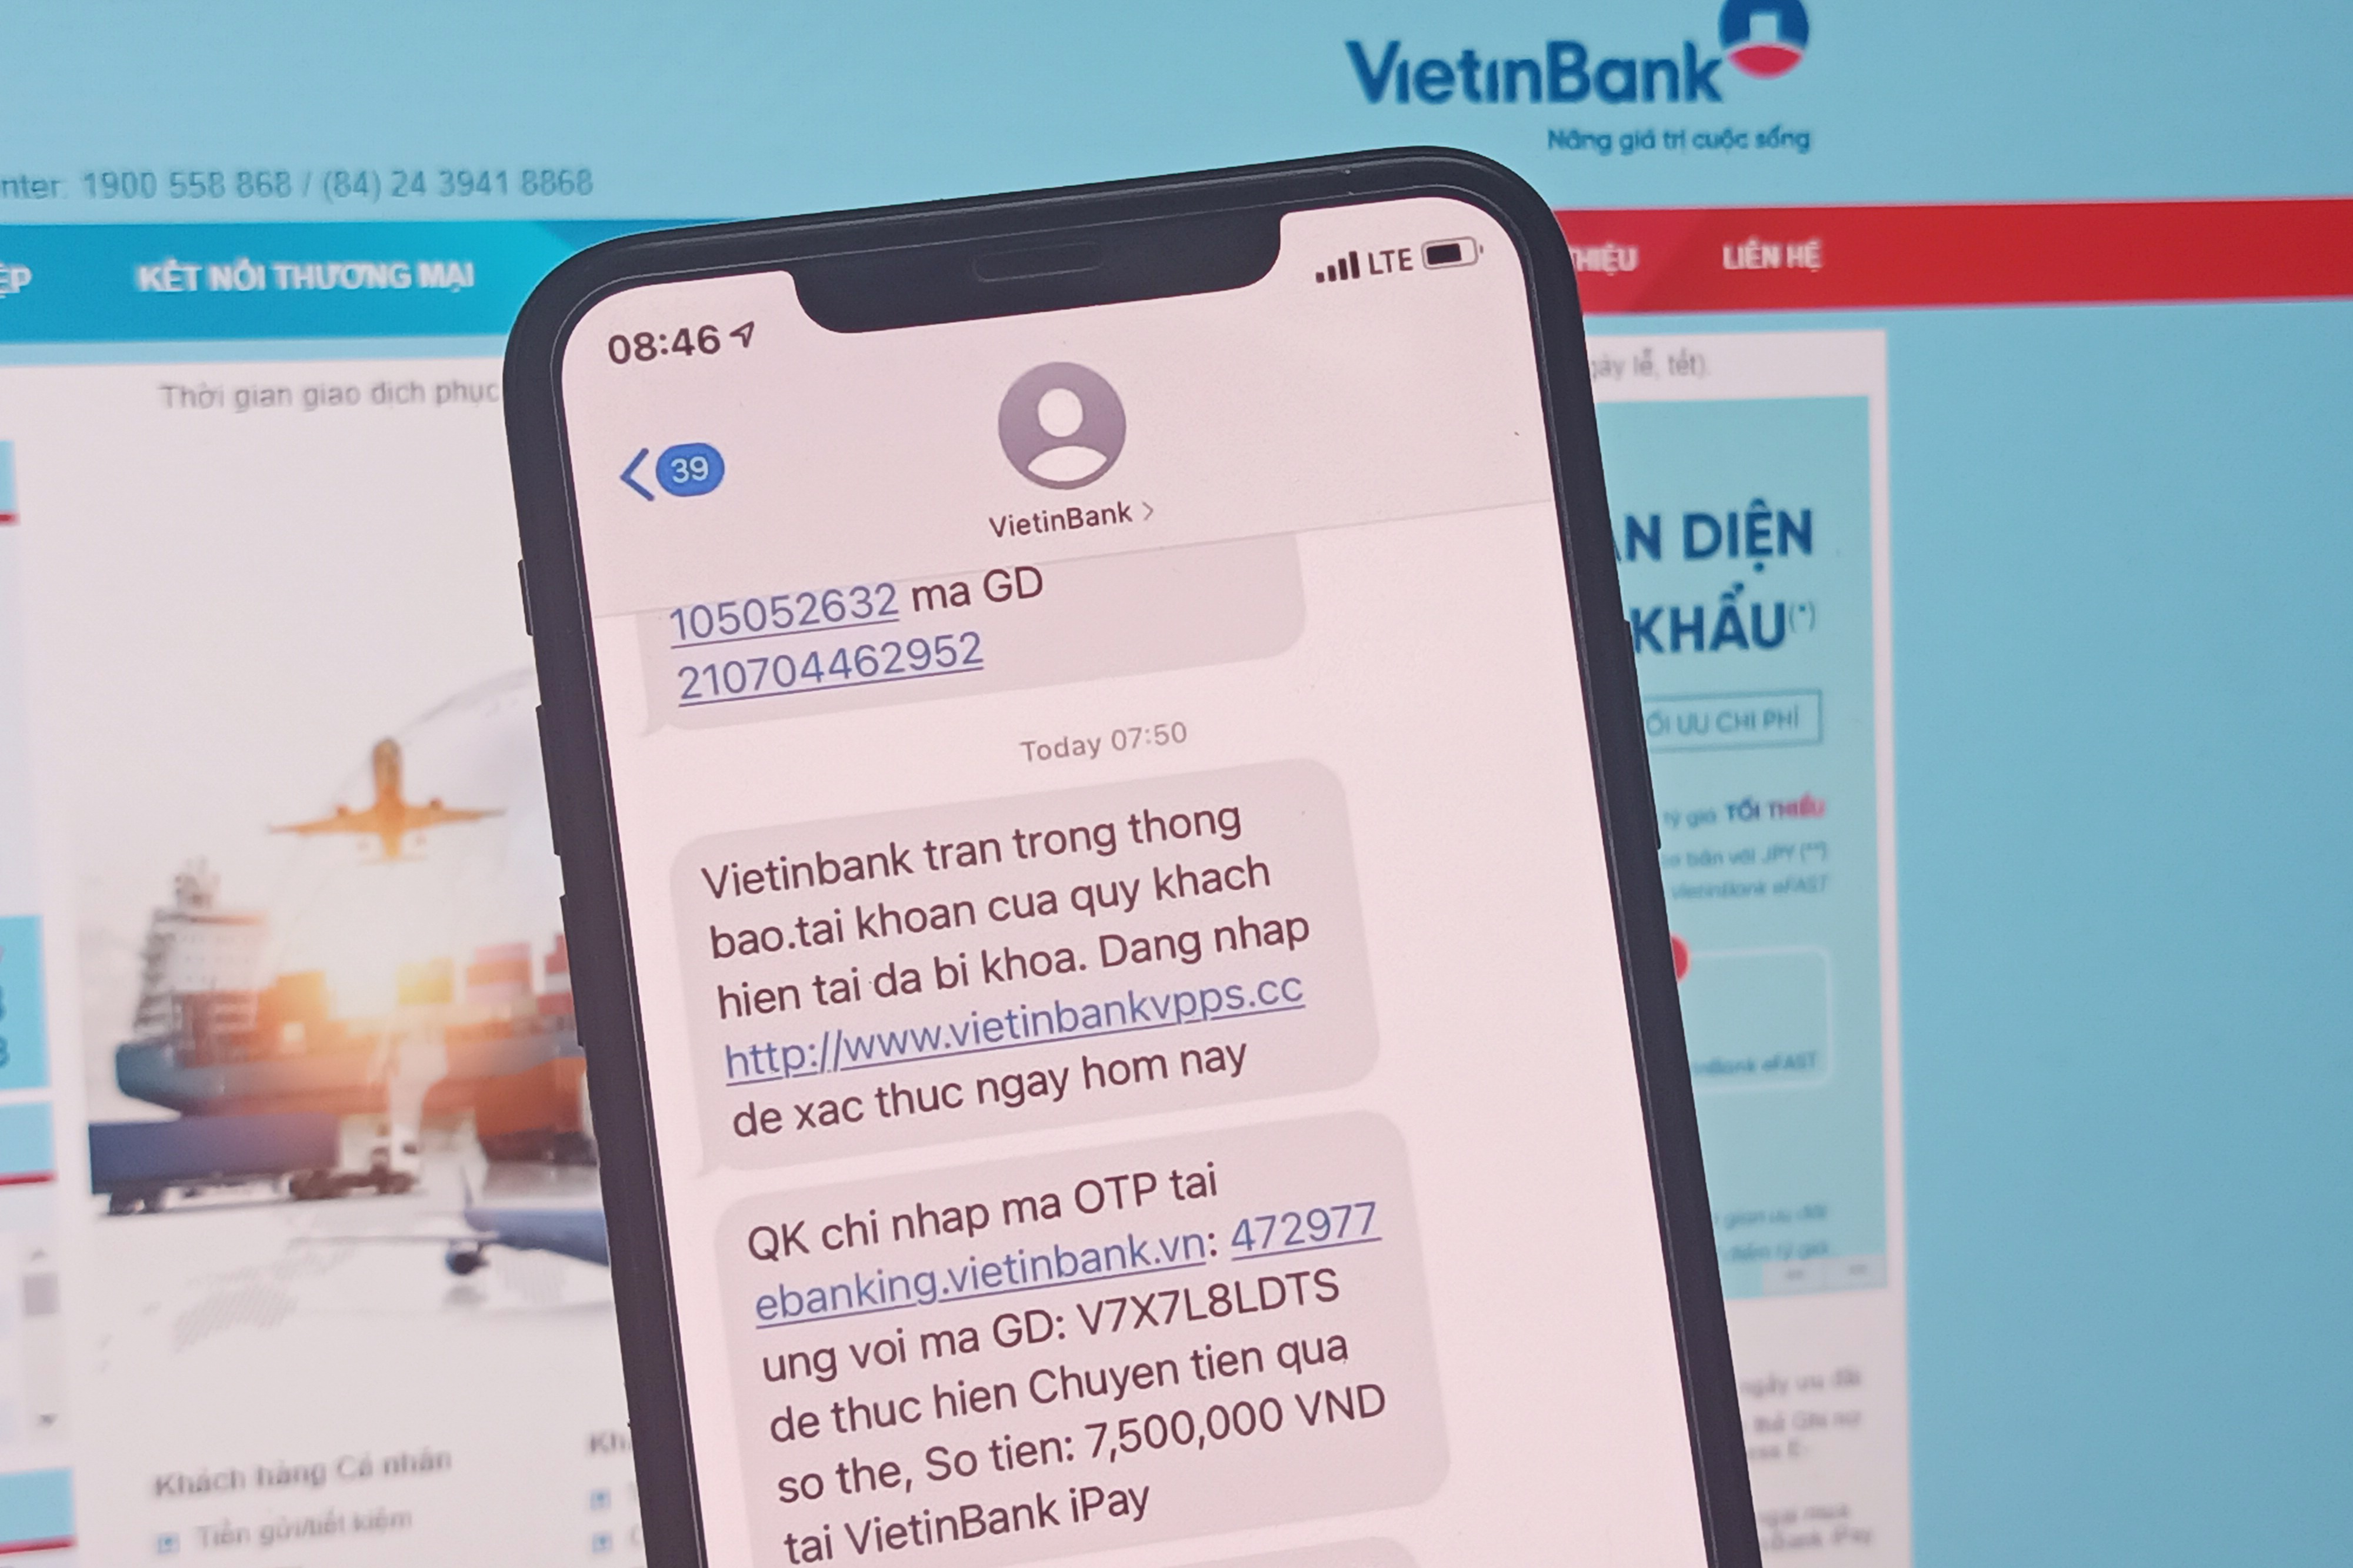 Thêm một người dùng Vietinbank bị lừa mất 7,5 triệu đồng